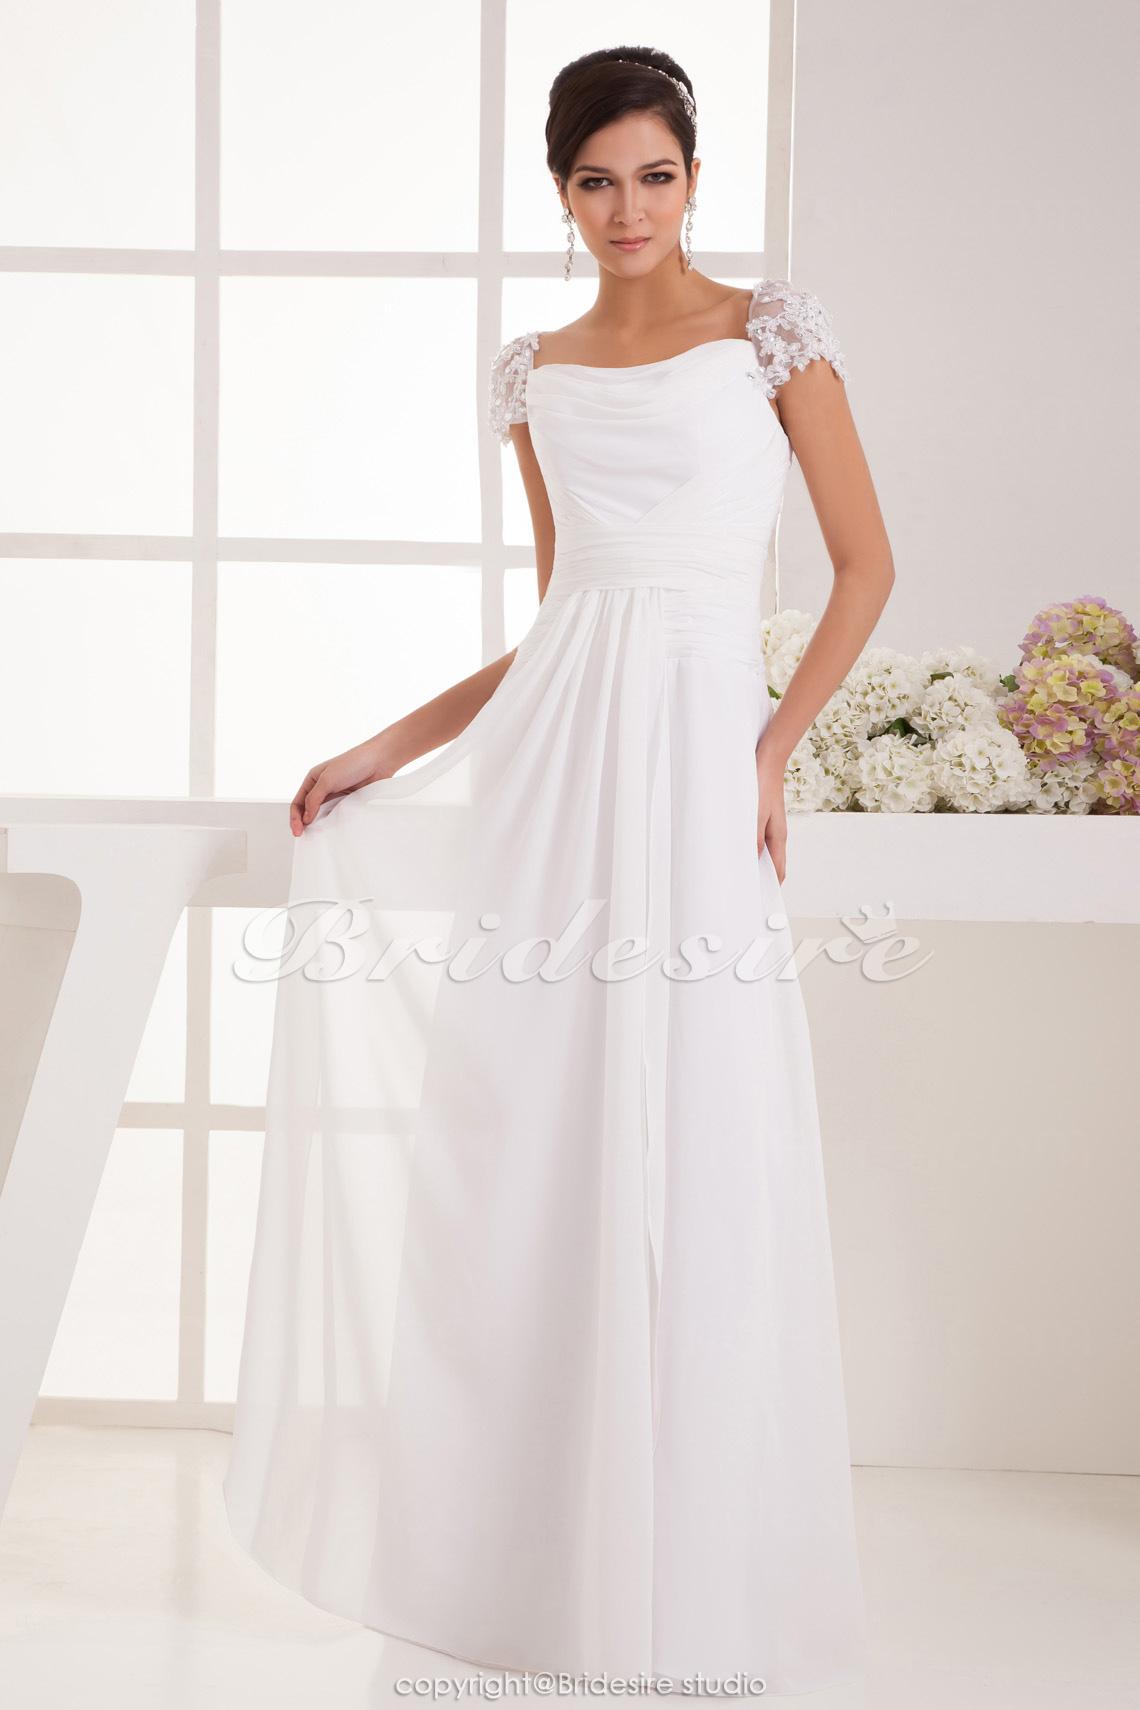 99b609aca902 Bridesire - A-linje Axelbandslös Golvlång Kort ärm Chiffong brudklänning  [BD41350] - SEK835.92 : Bridesire